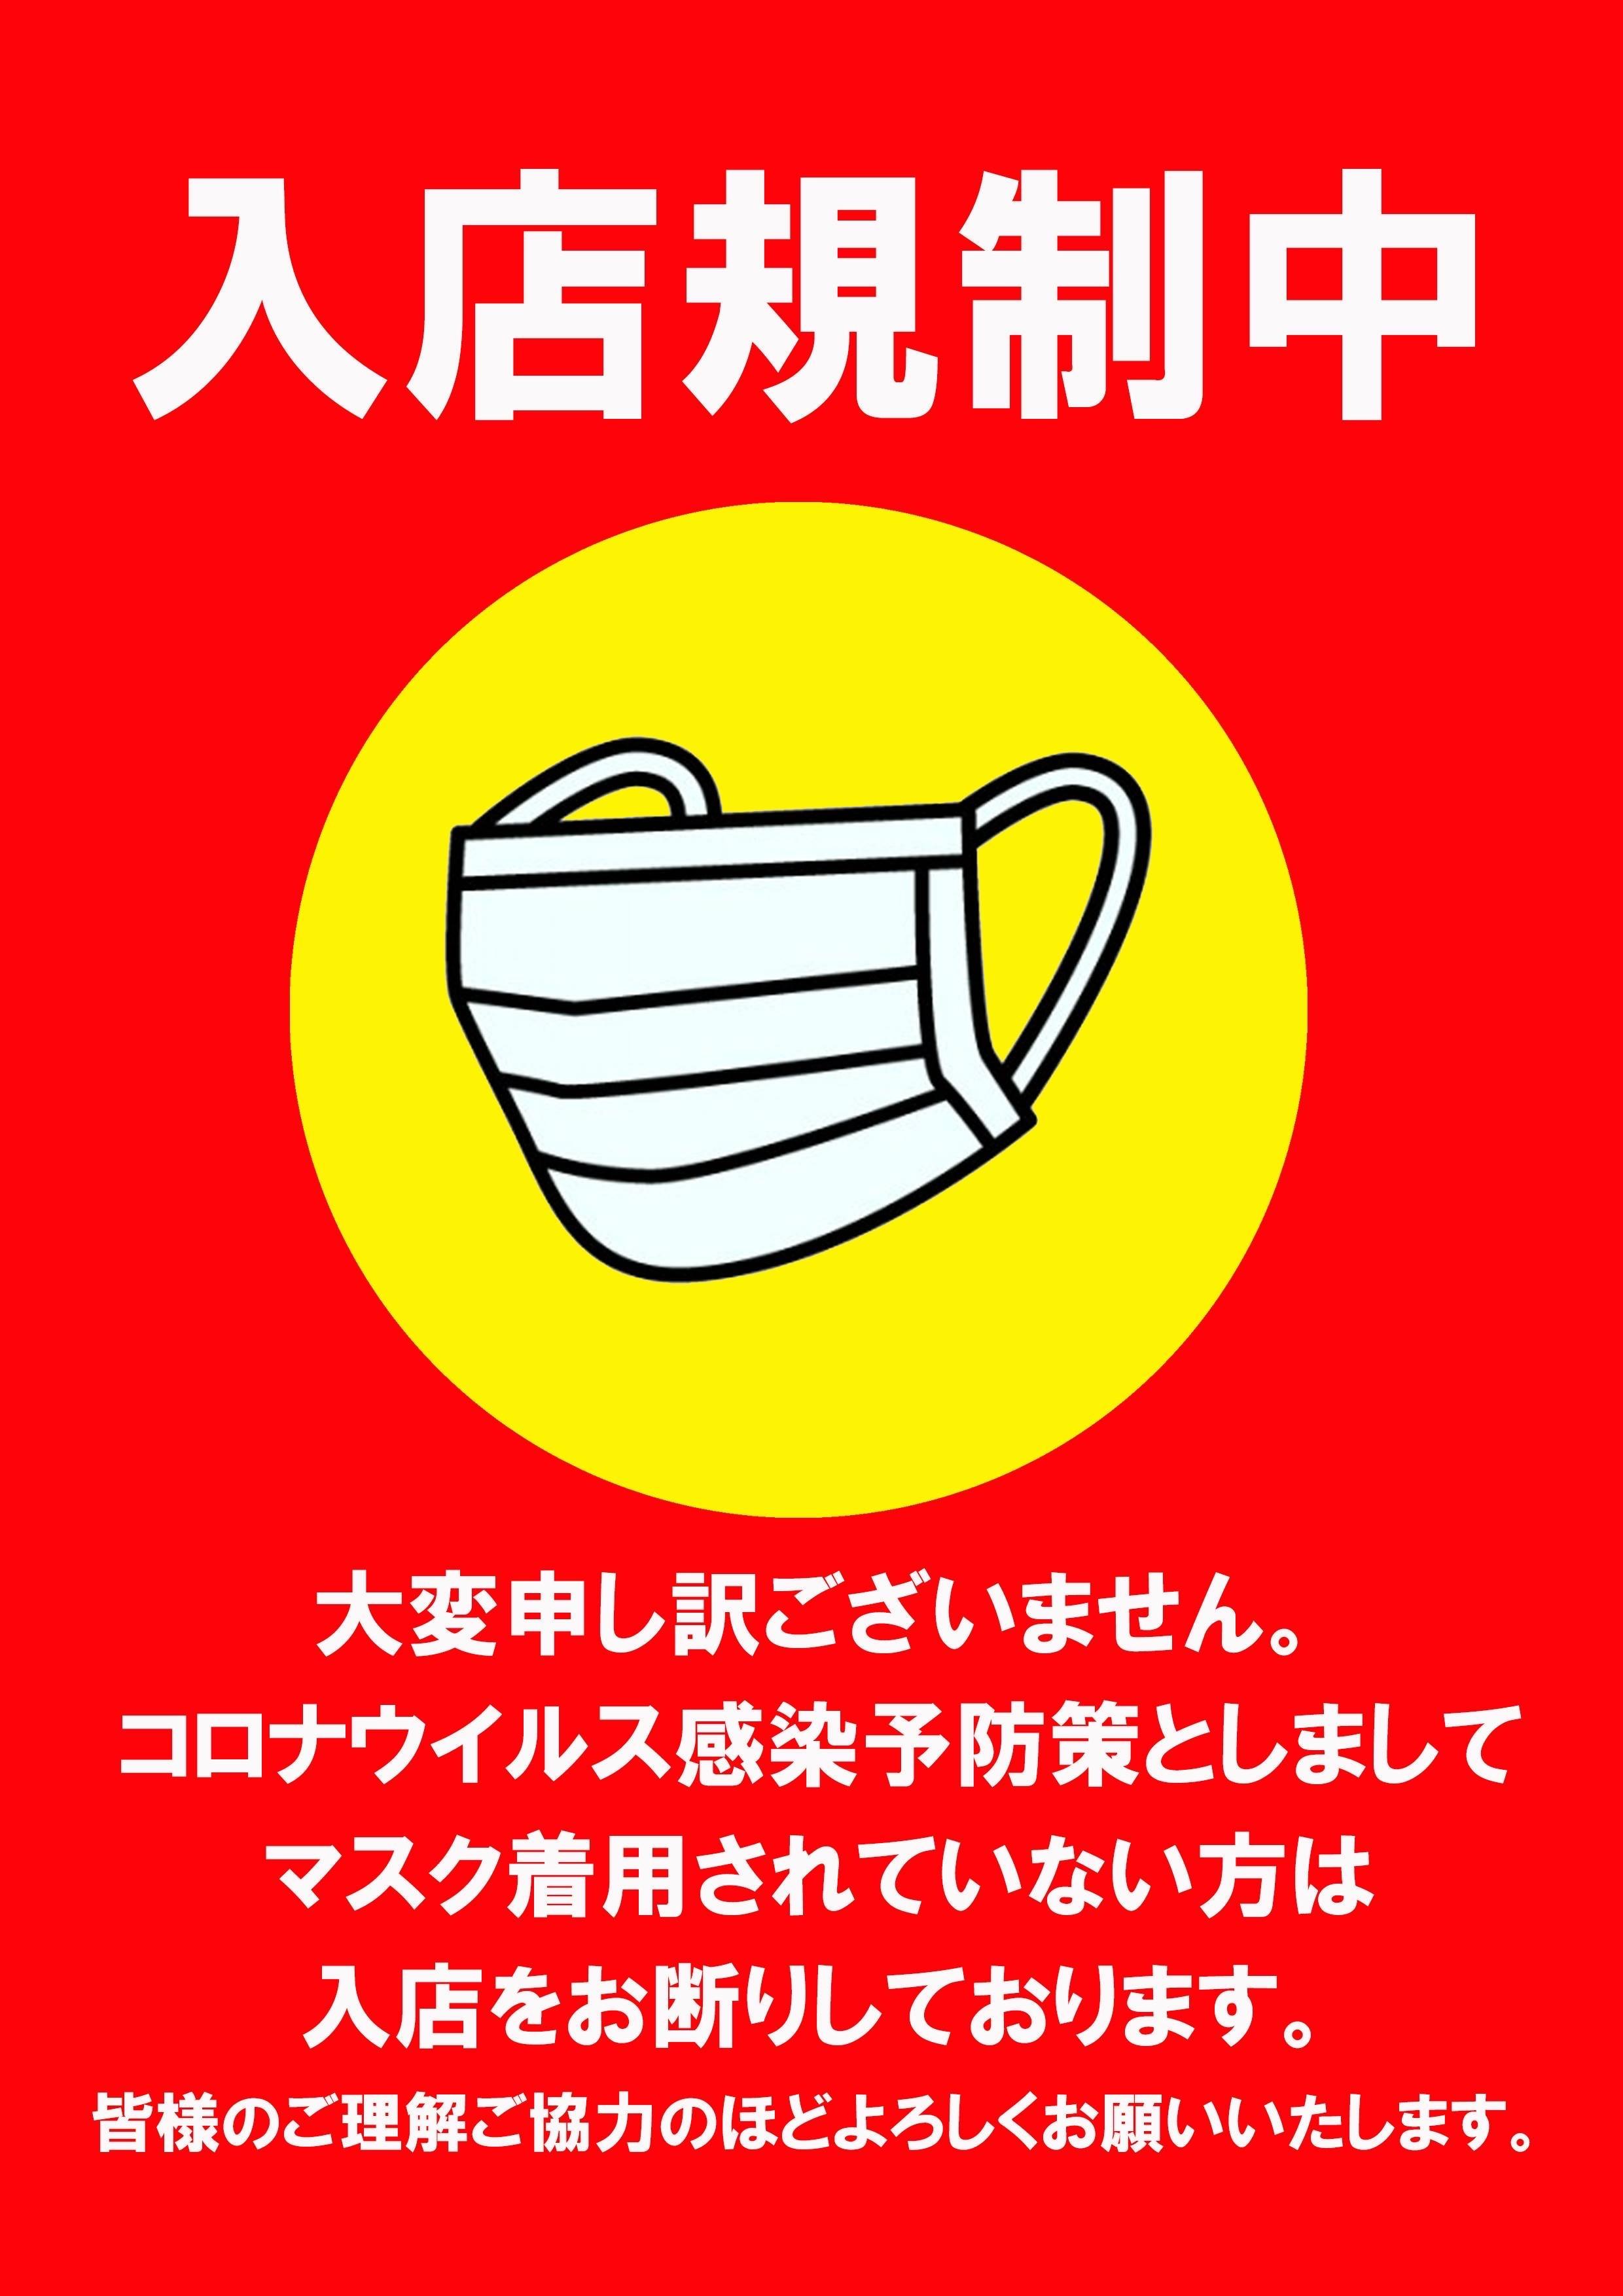 麺テイスティング・カフェショップ MENSTA入場規制